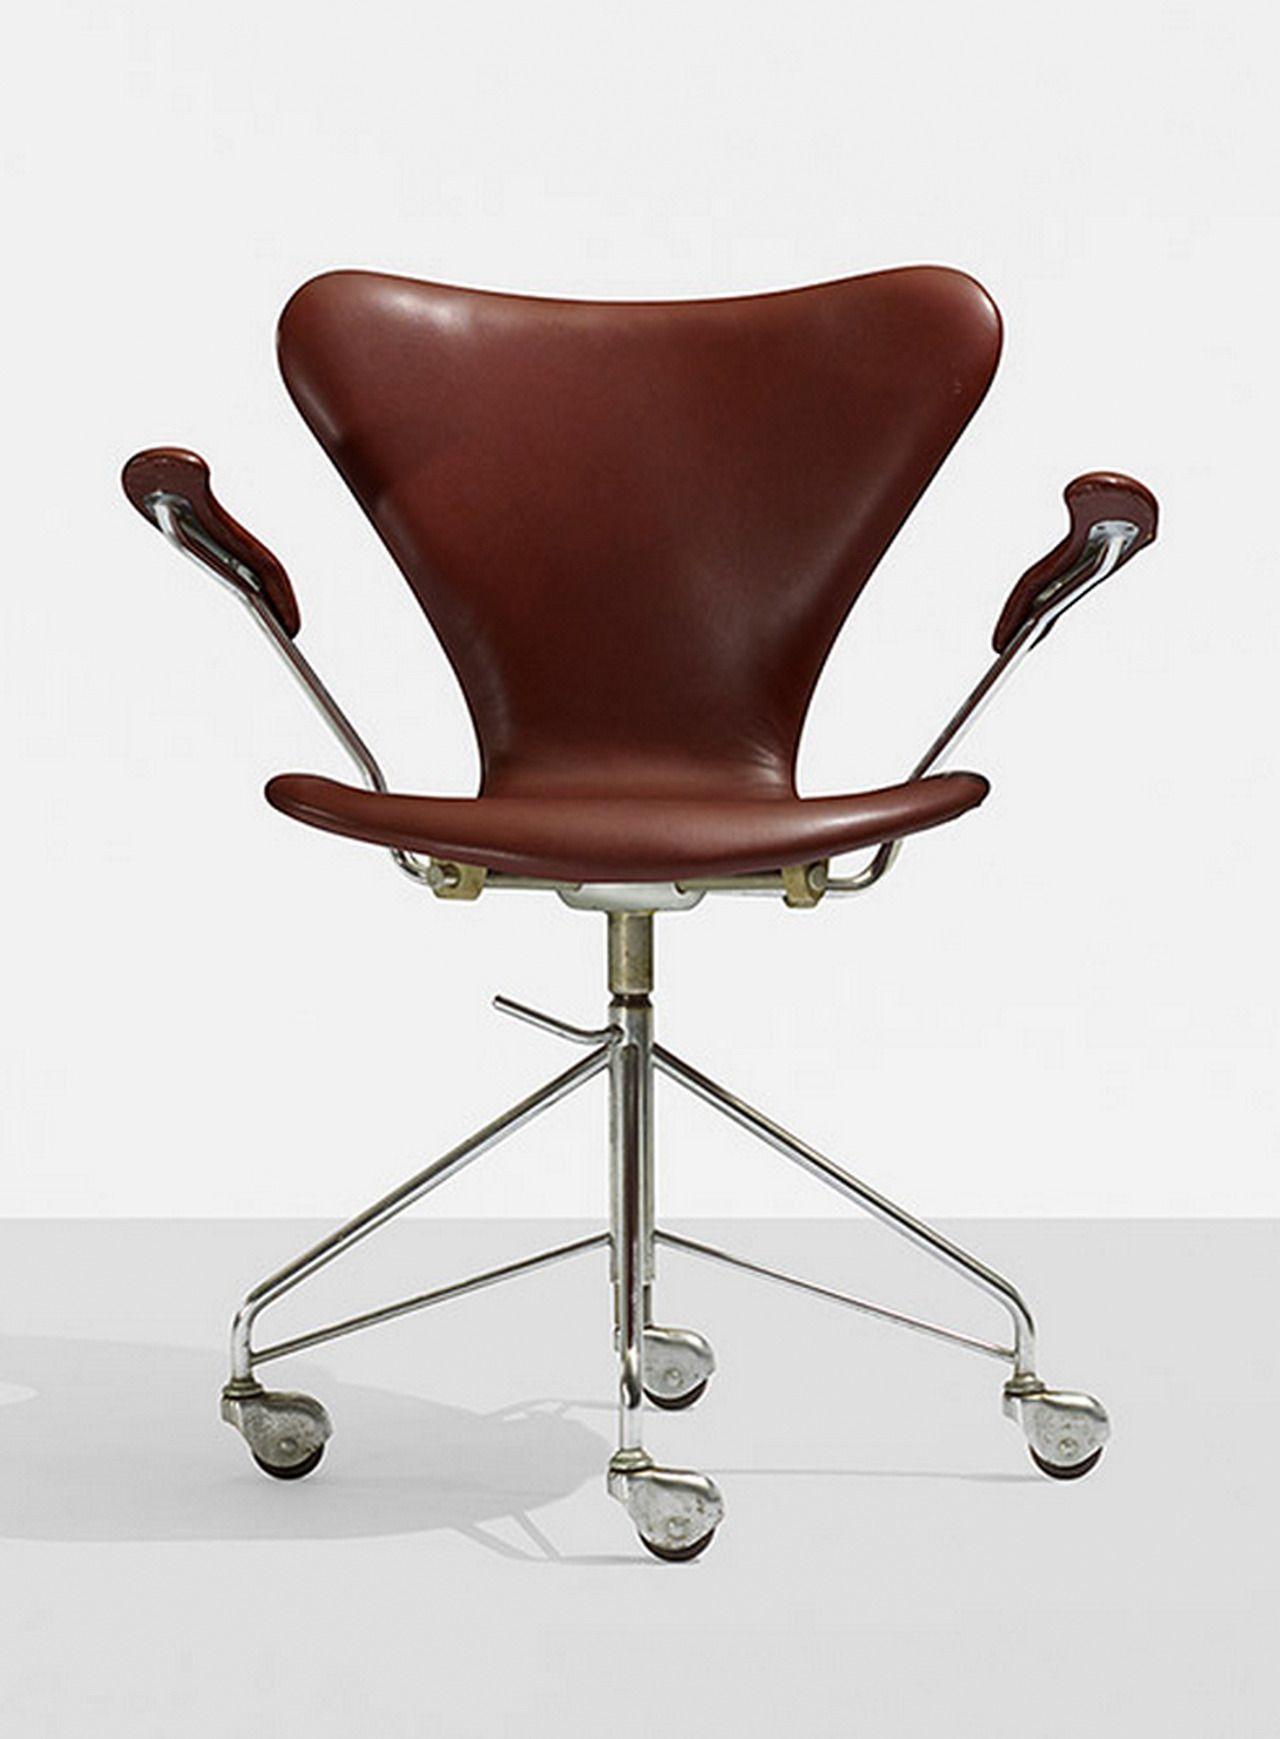 arne jacobsen sevener chair model 3217 by fritz hansen denmark 1955 leather matte chrome. Black Bedroom Furniture Sets. Home Design Ideas